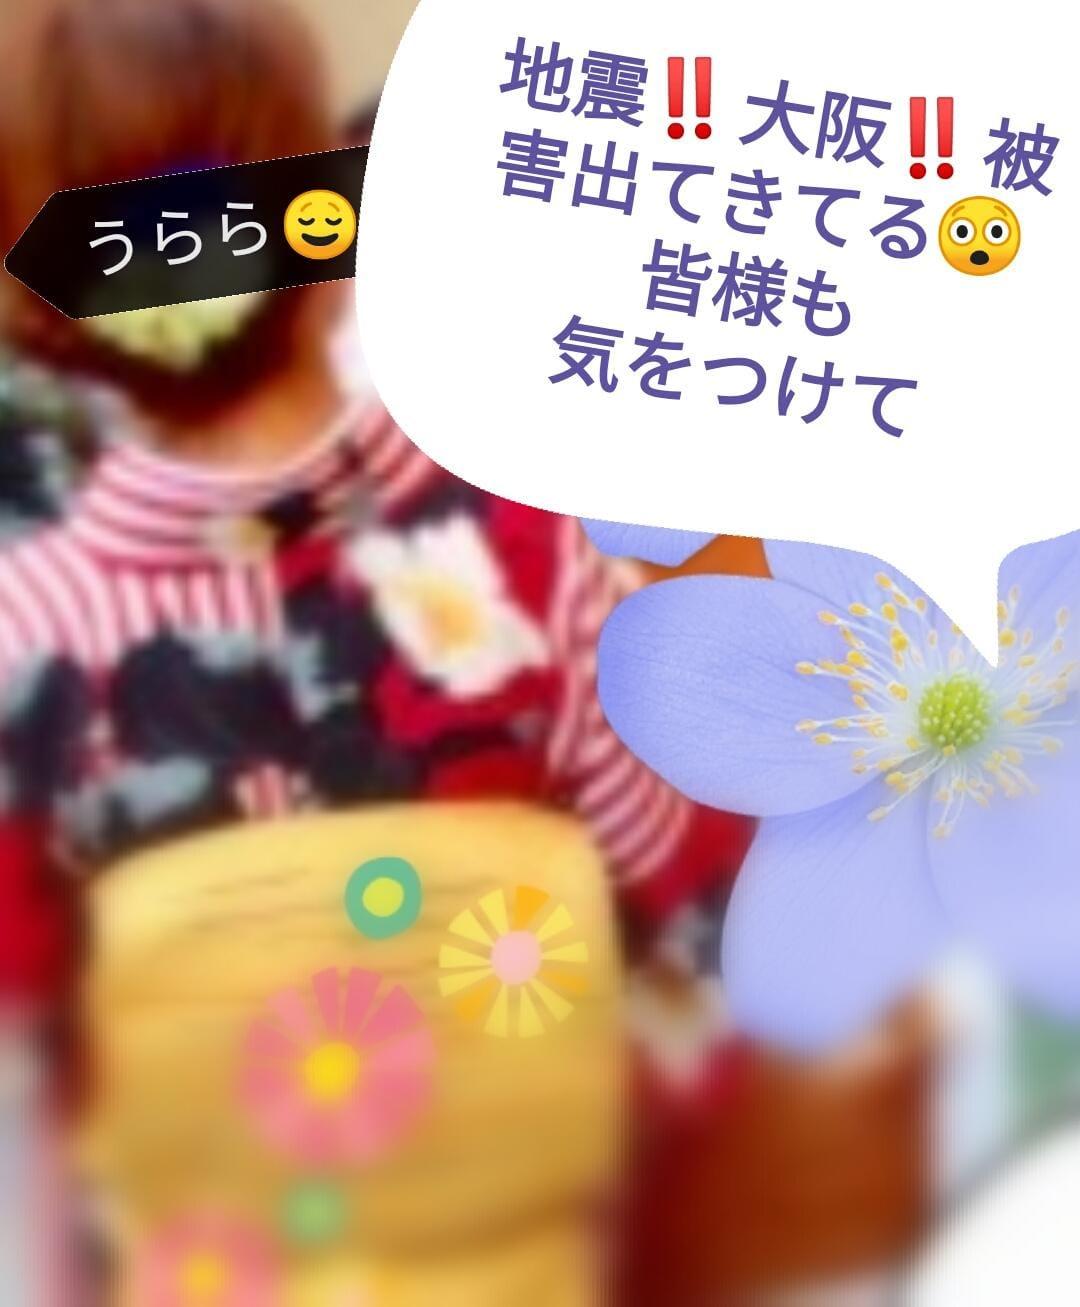 「地震大阪」06/18(月) 10:18 | 麗 『うらら』の写メ・風俗動画